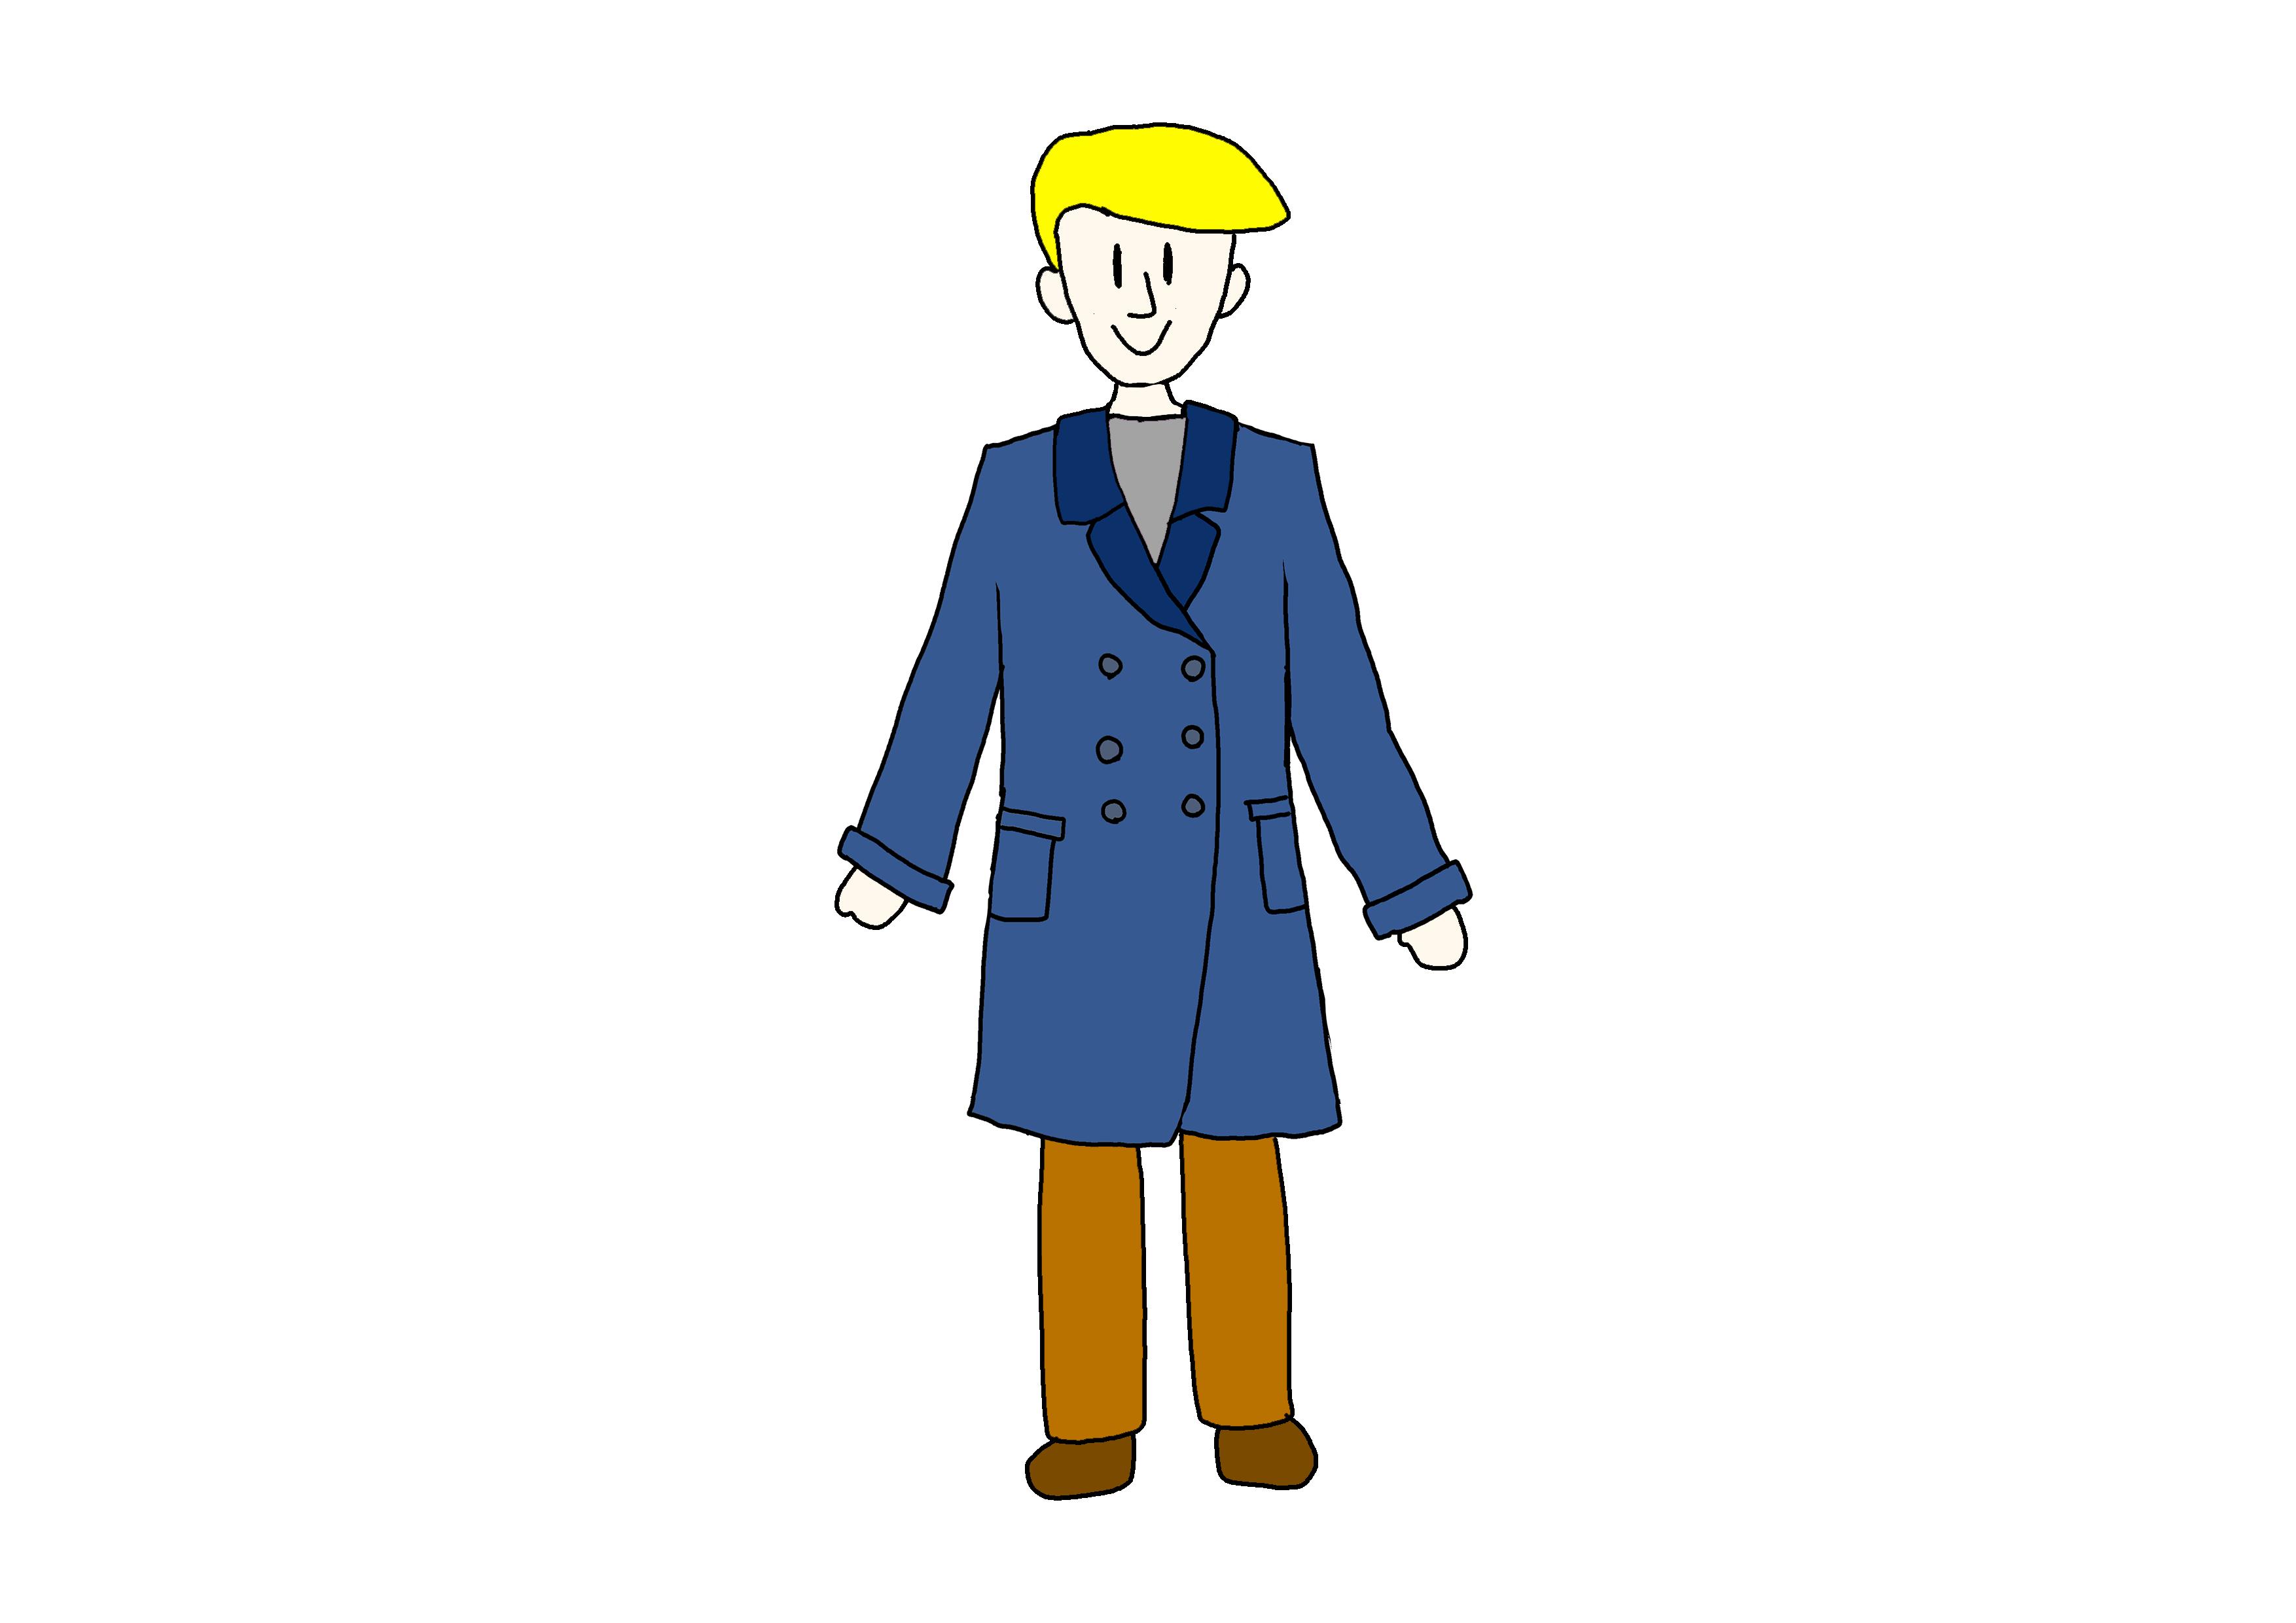 イラスト【コートを着ている人】